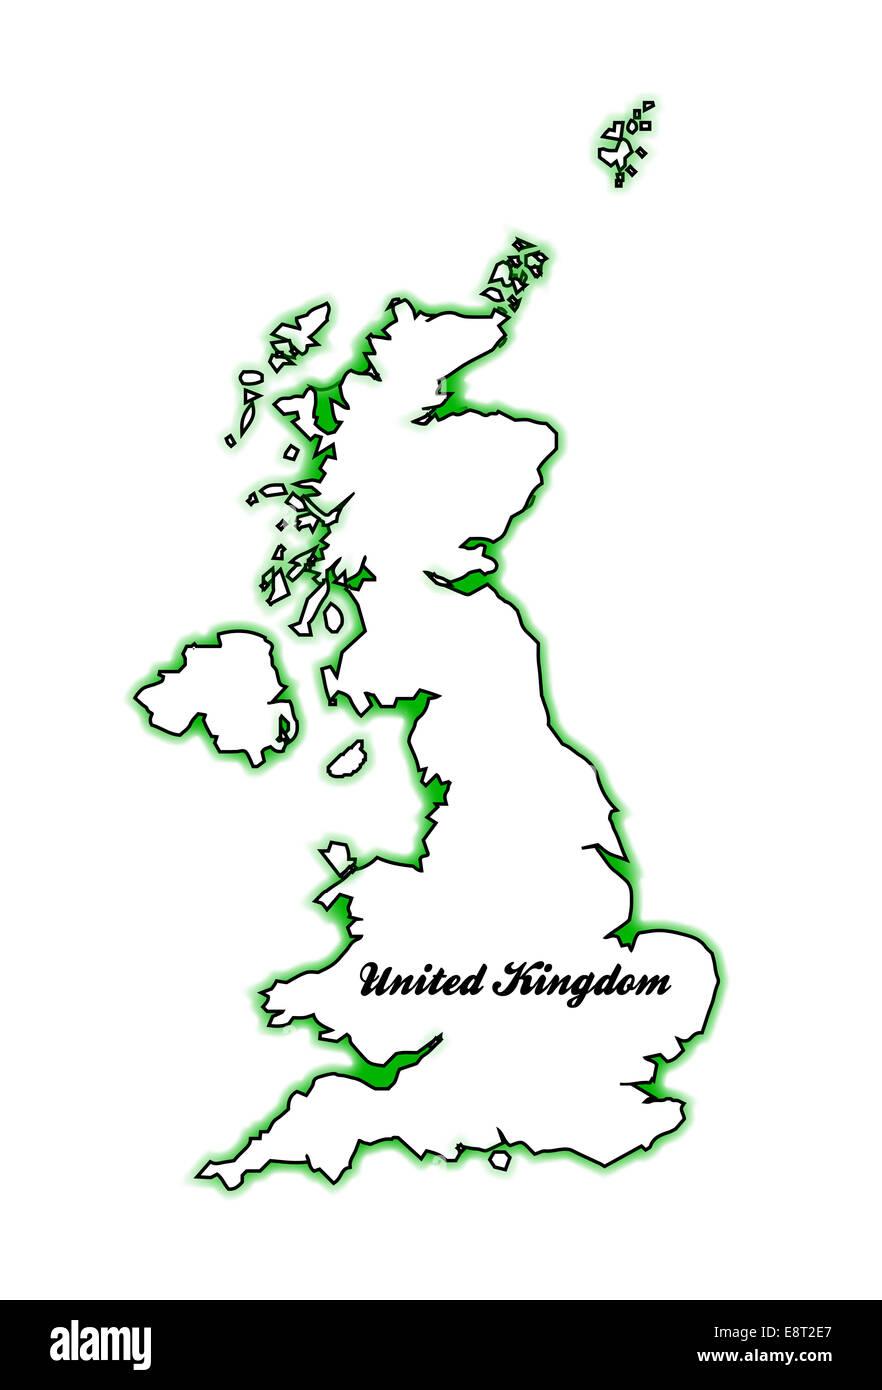 Cartina Geografica Inghilterra E Scozia.Mappa Di Contorno Del Regno Unito Di Inghilterra Scozia Irlanda Del Nord E Il Galles Su Bianco Foto Stock Alamy